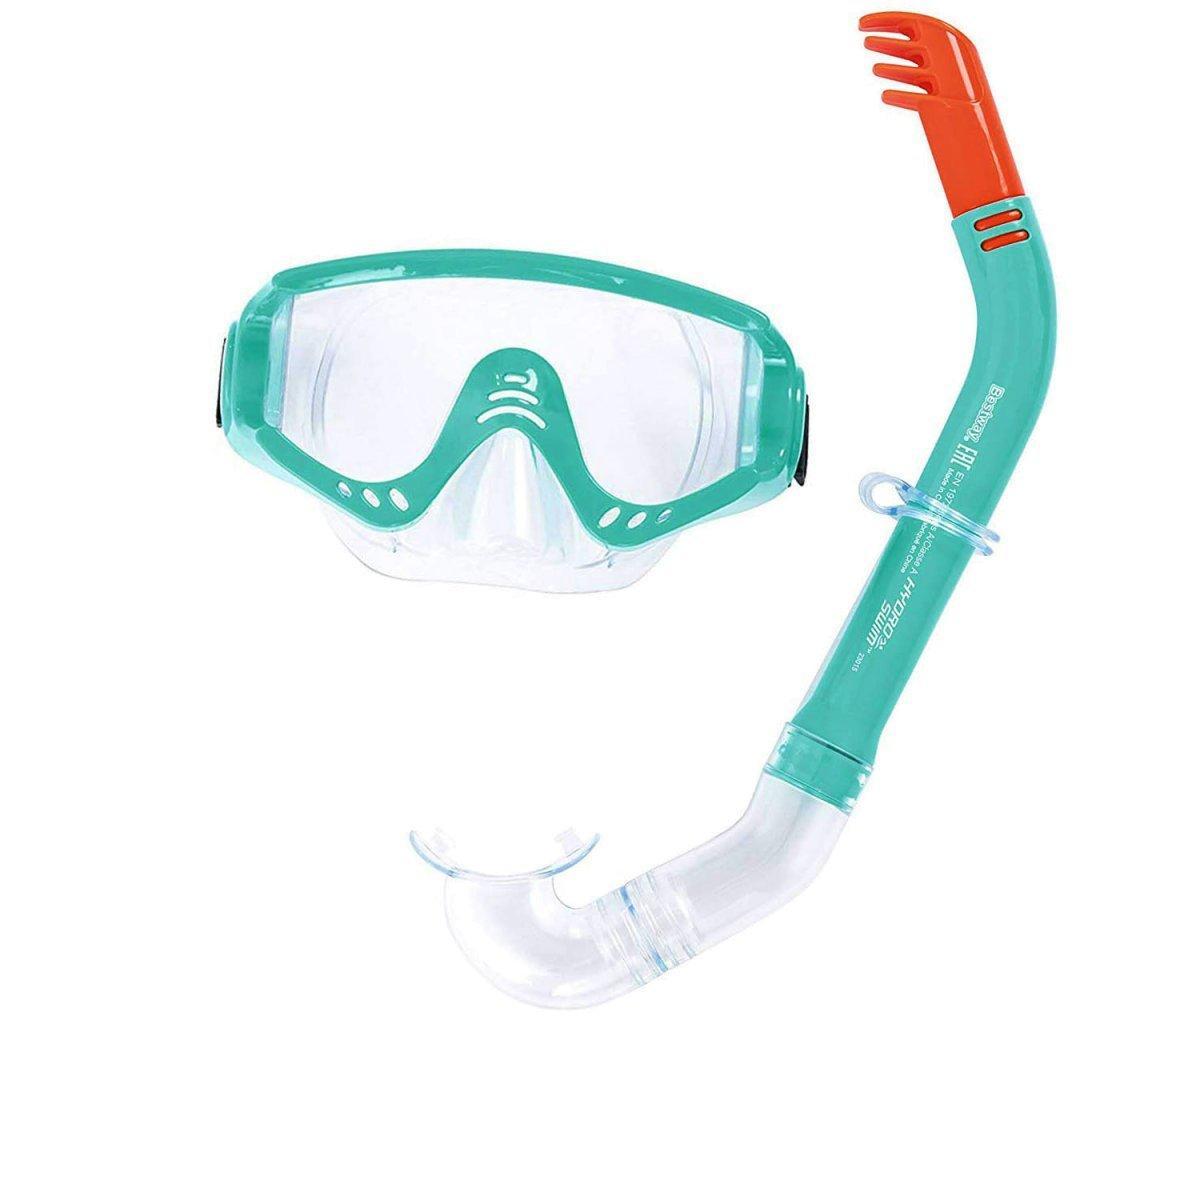 Набор 2 в 1 для плавания Bestway 24020 (маска: размер XL, (10+), обхват головы ≈ 56 см, трубка), зеленый